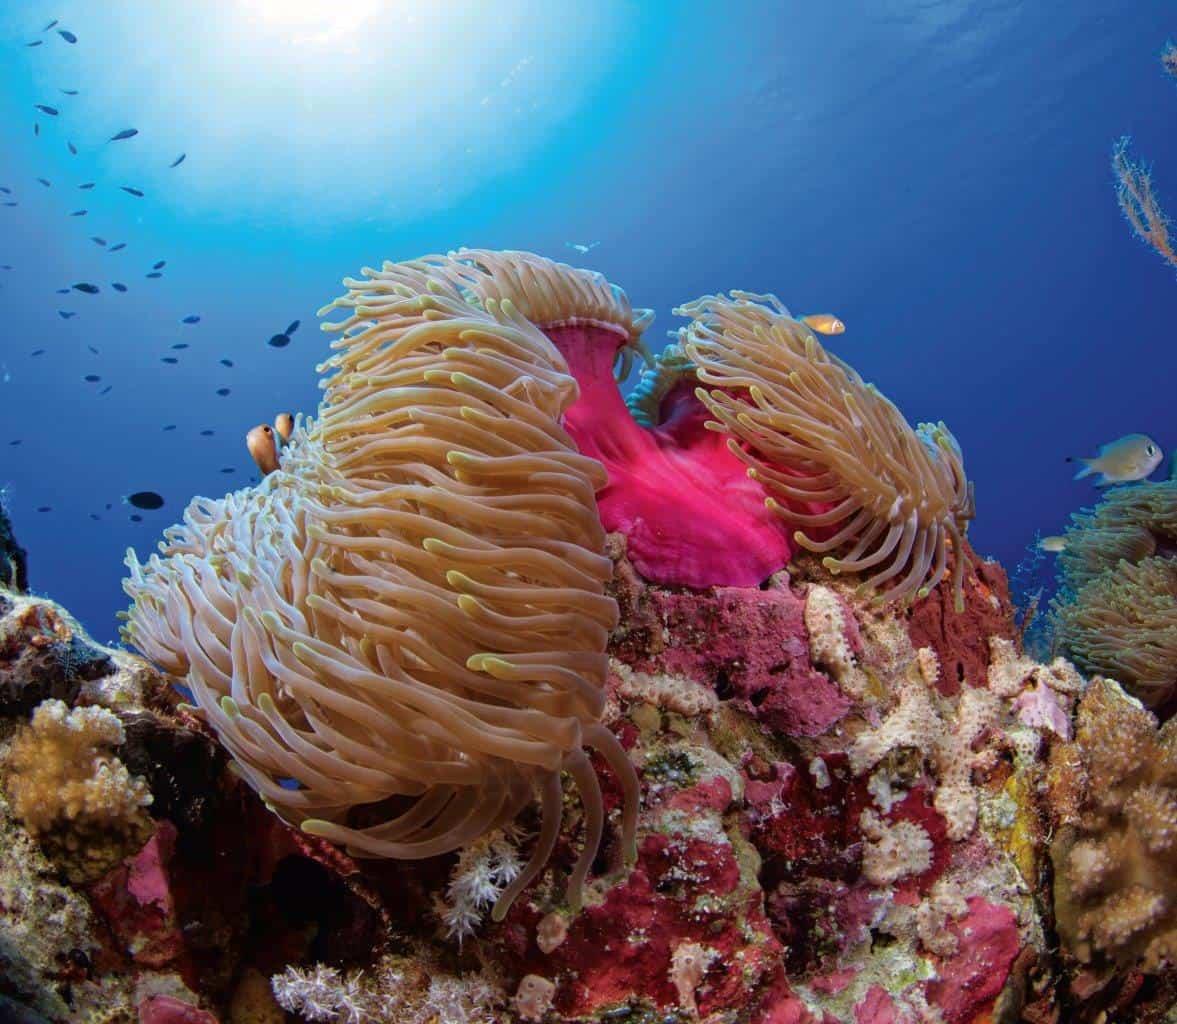 Reef life, BIOT Copyright: Stewart McPherson